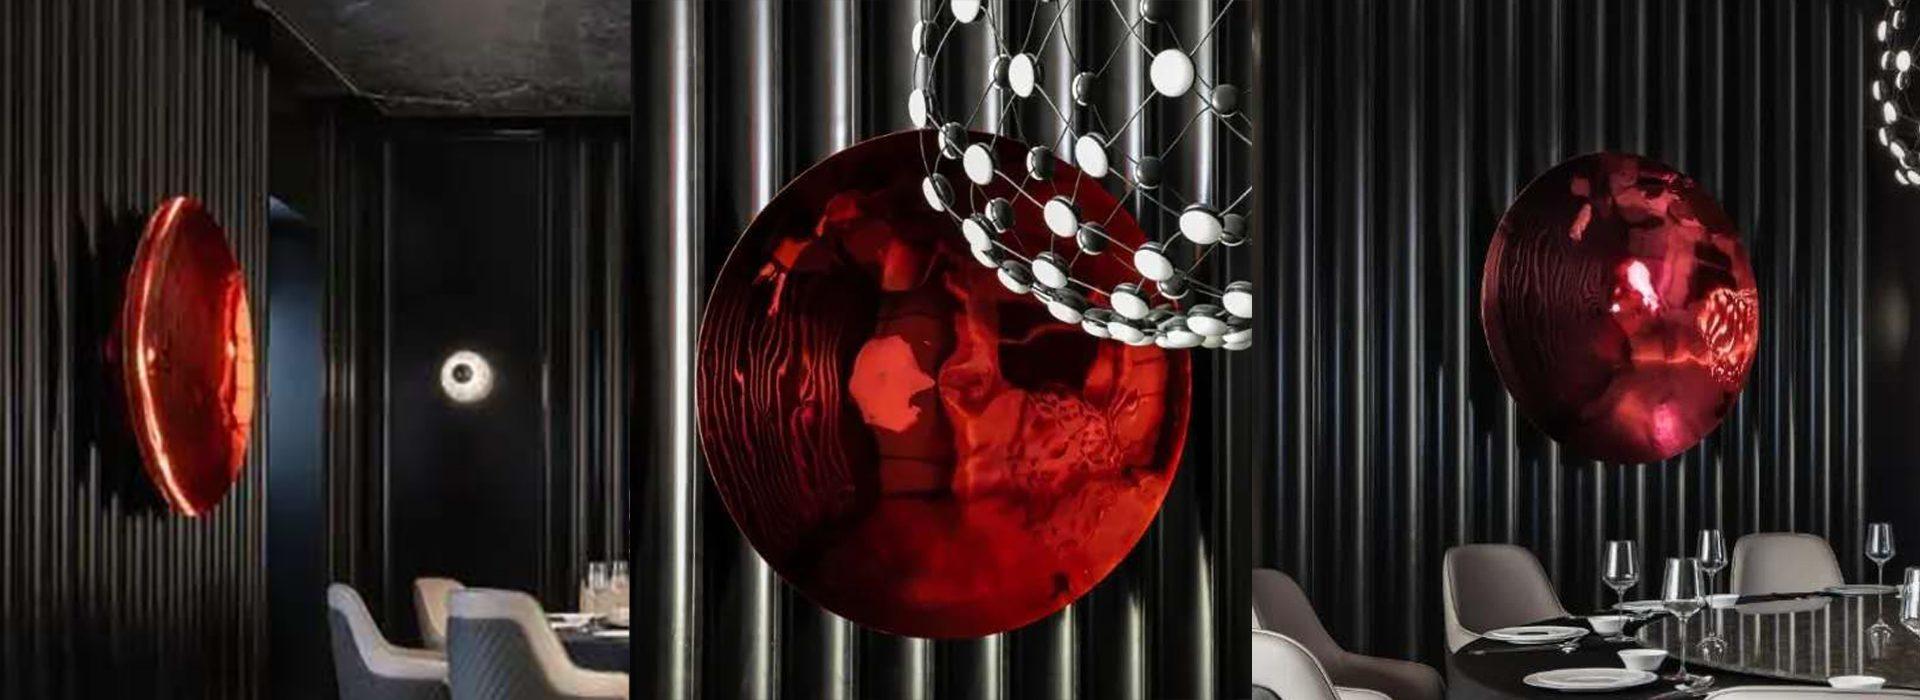 Concave Mirror Sculpture 101